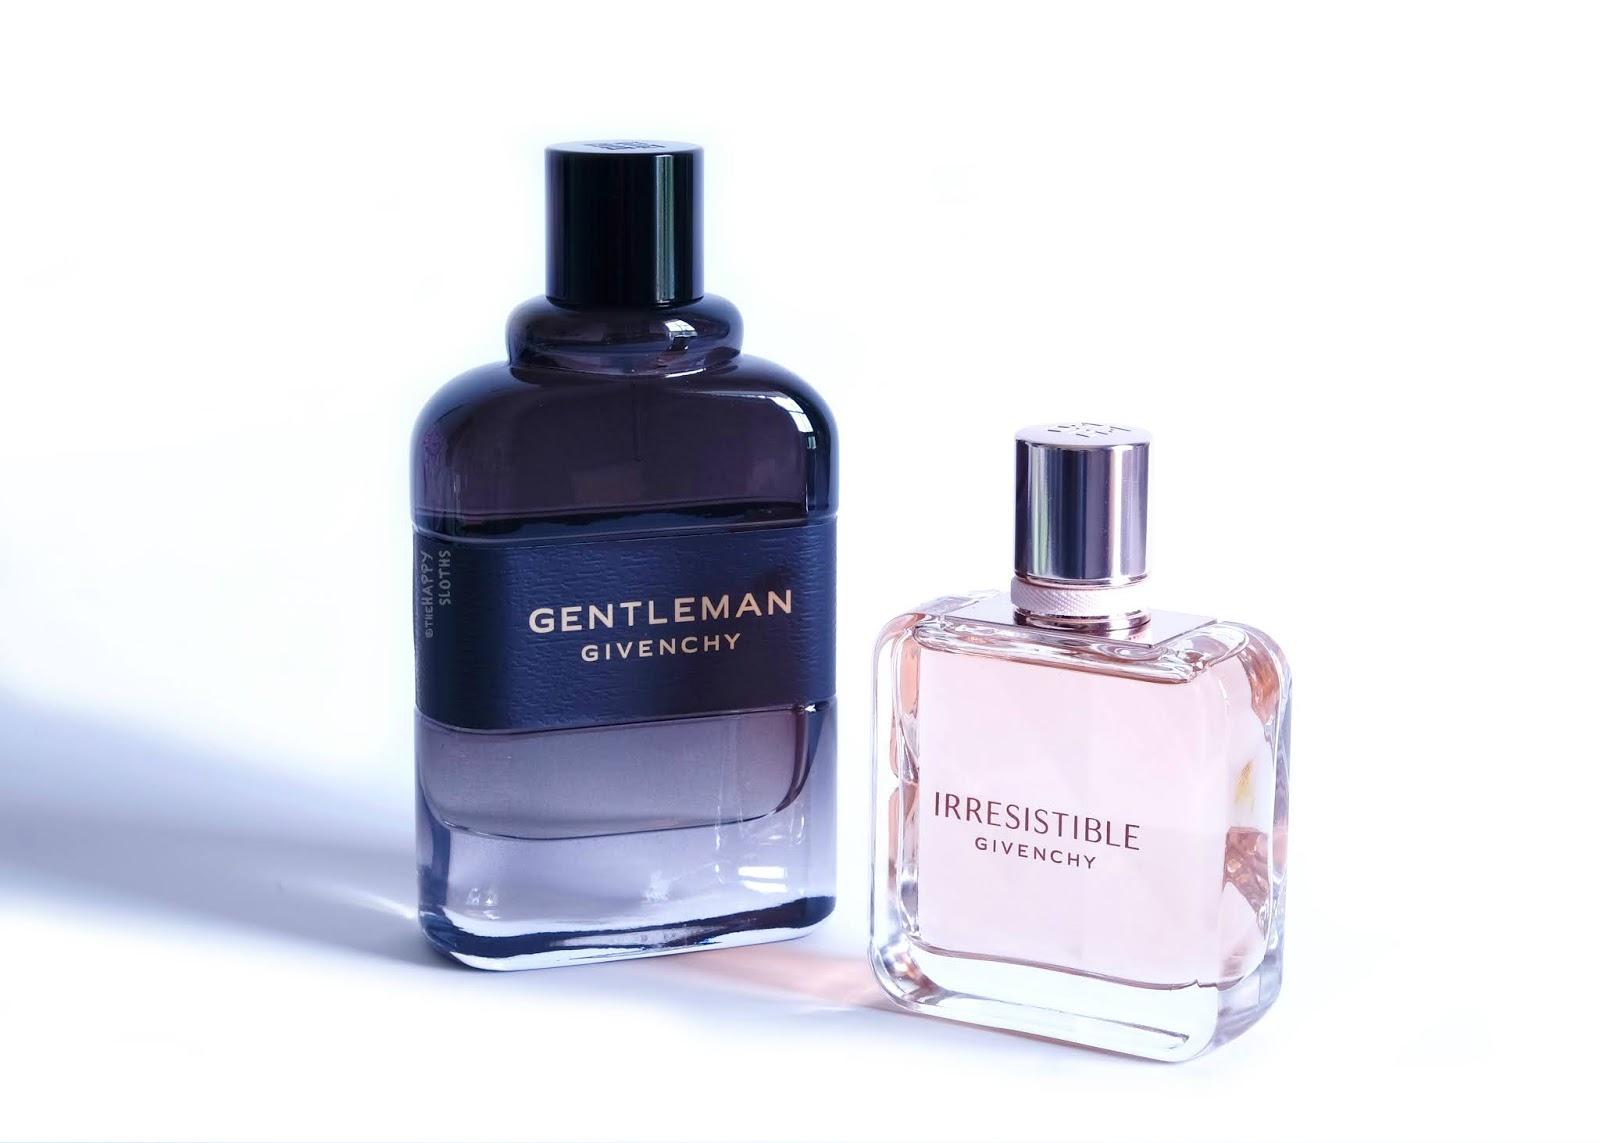 Givenchy | Irrésistible Eau de Parfum & Gentleman Boisée Eau de Parfum: Review